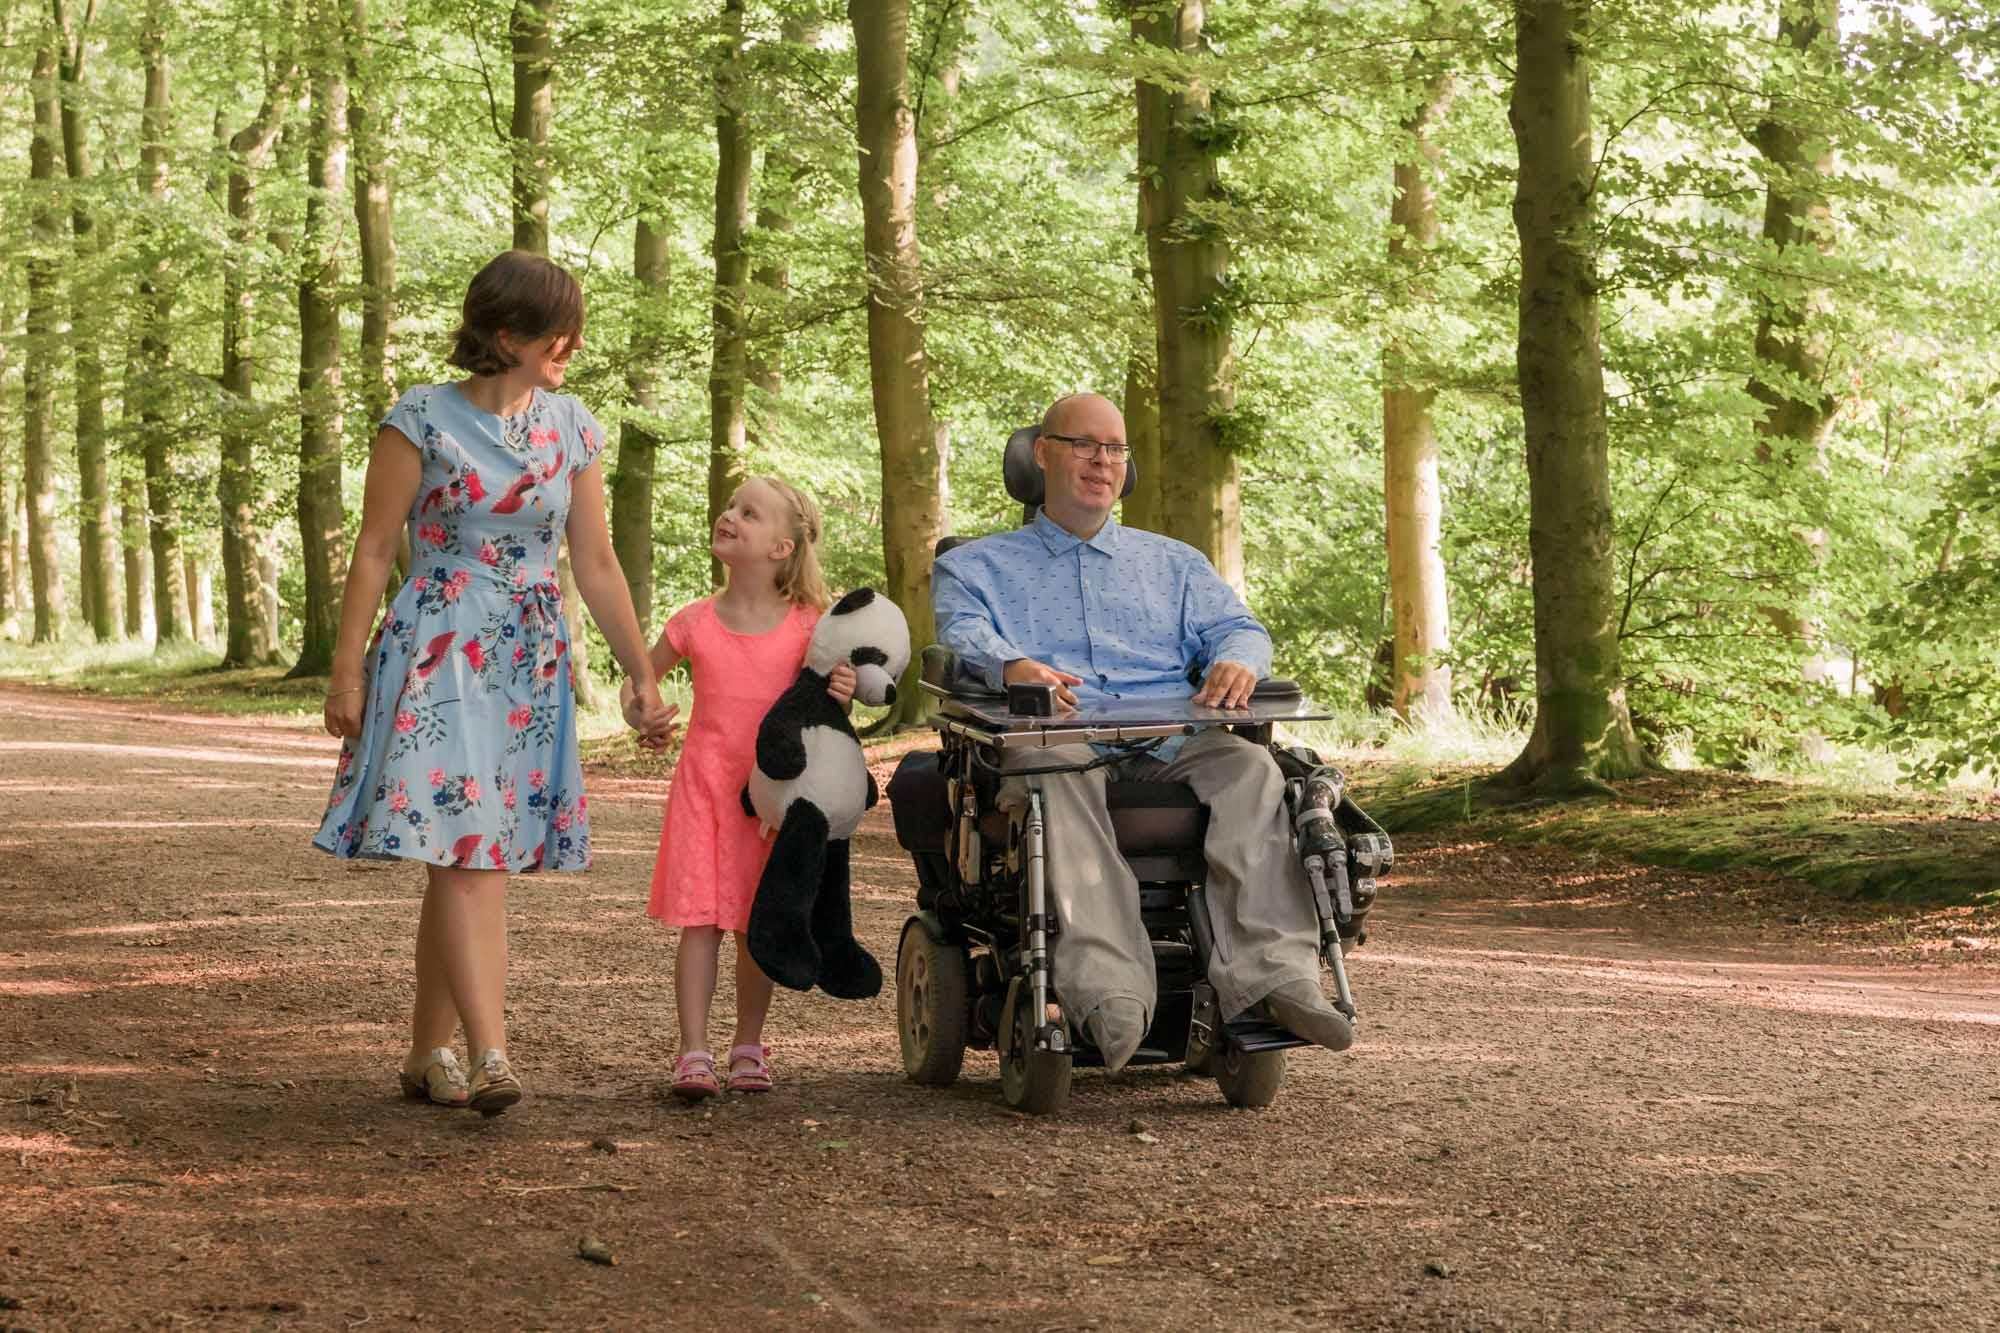 foto van vader in rolstoel en vrouw en dochter wandelend in bos door mayrafotografie